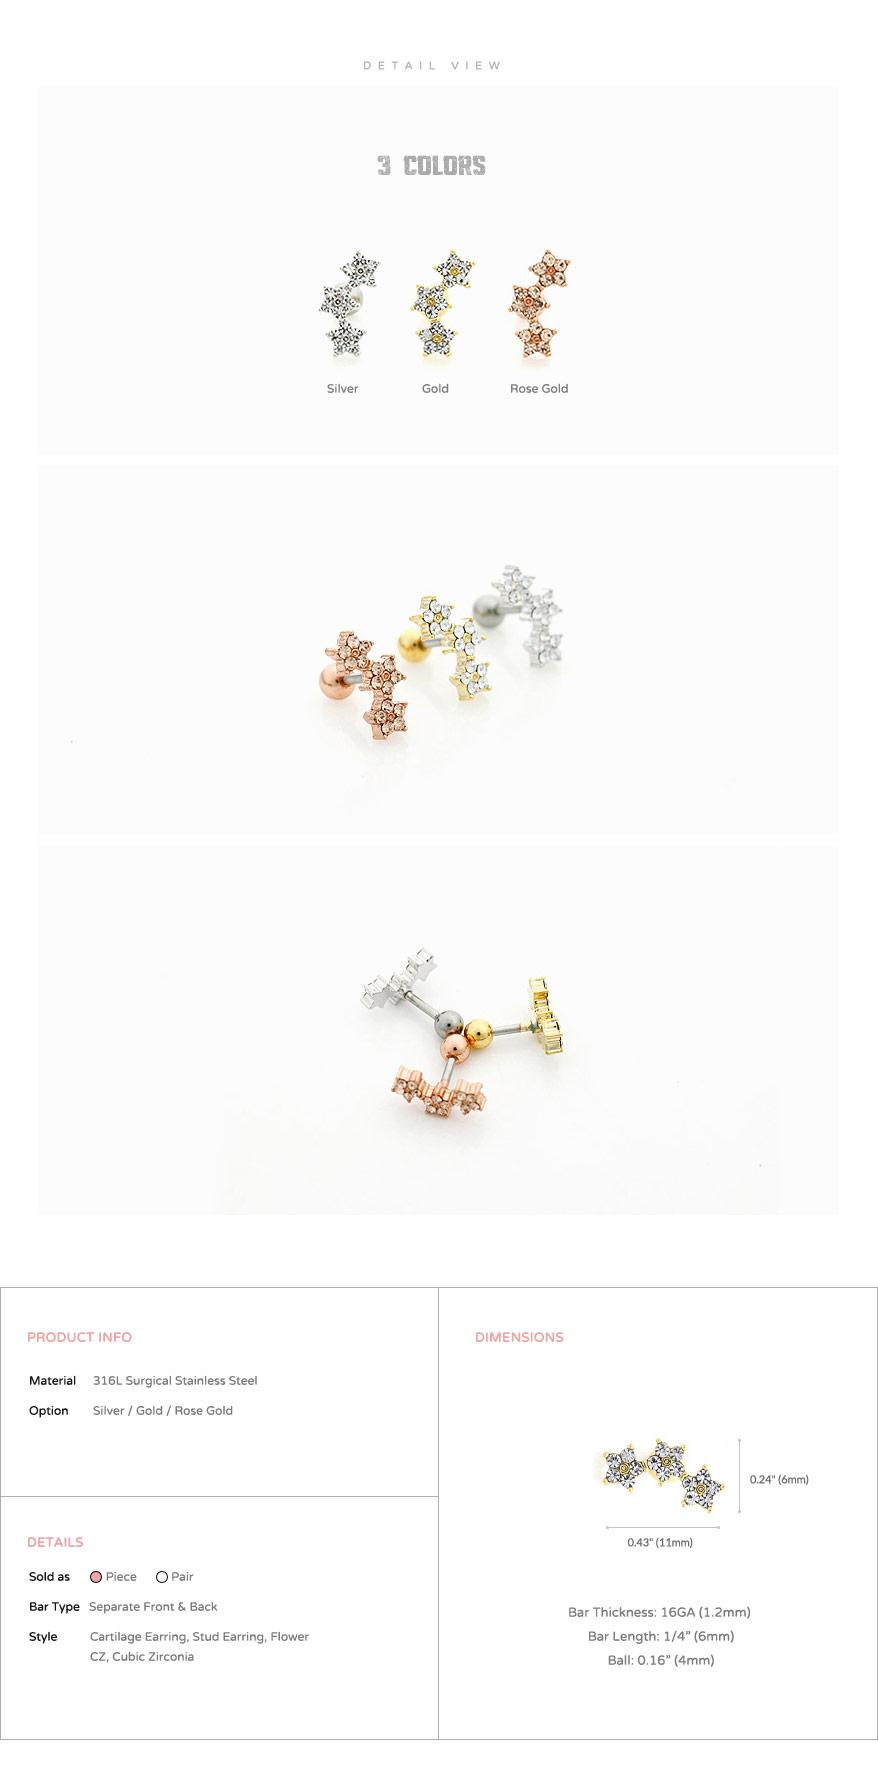 jewelry_earrings_stud_cartilage_piercing_16g_barbell_316l_cz_double_bow_tie_bowtie_ribbon_conch_helix_triple_star_flower_5